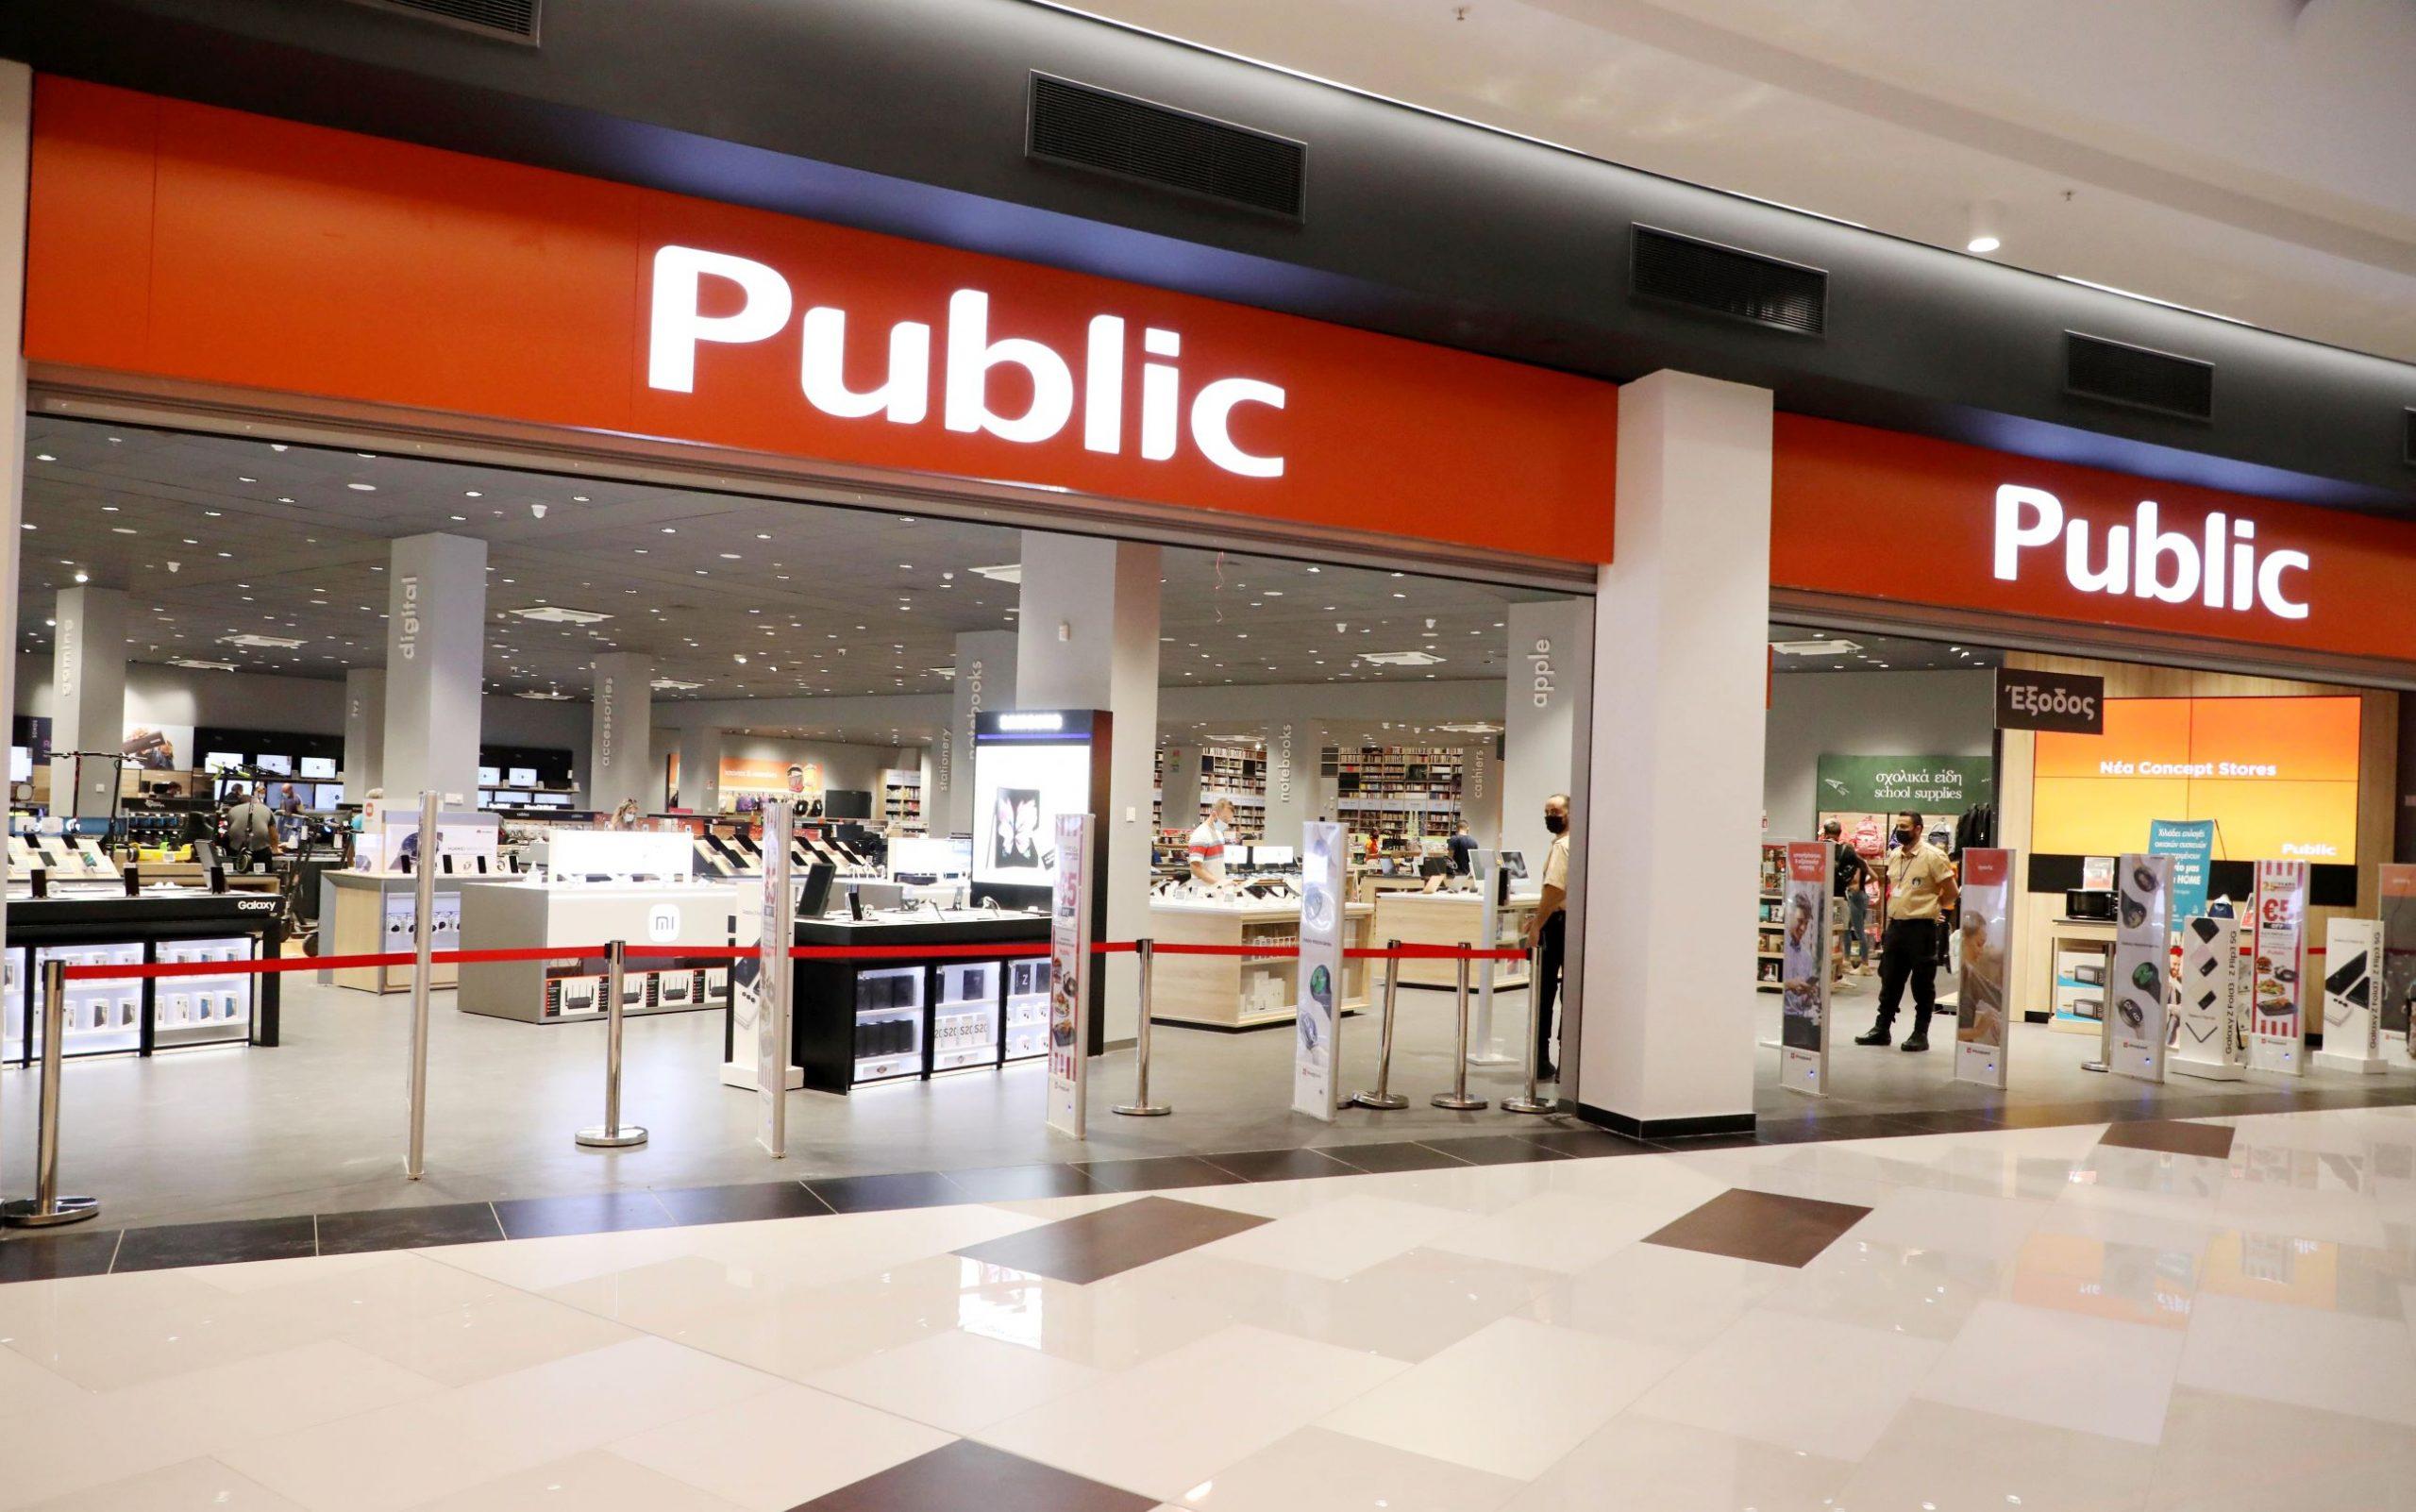 Το Public στο Metropolis Mall φέρνει καινοτομίες και μια τεράστια ποικιλία από οικιακές συσκευές